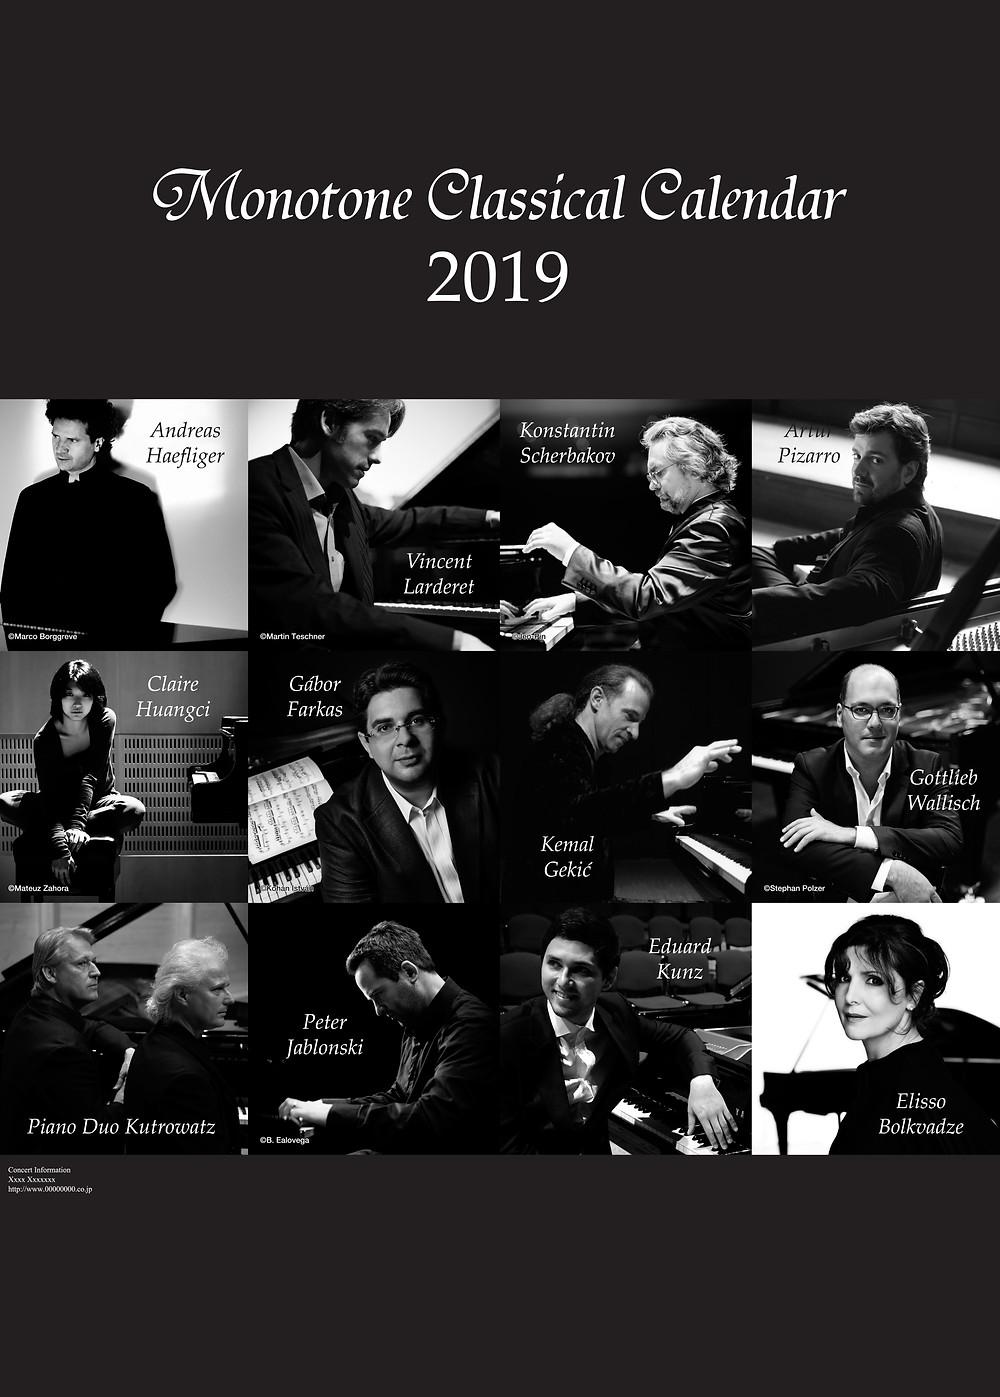 モノトーンクラシカルカレンダー 2019